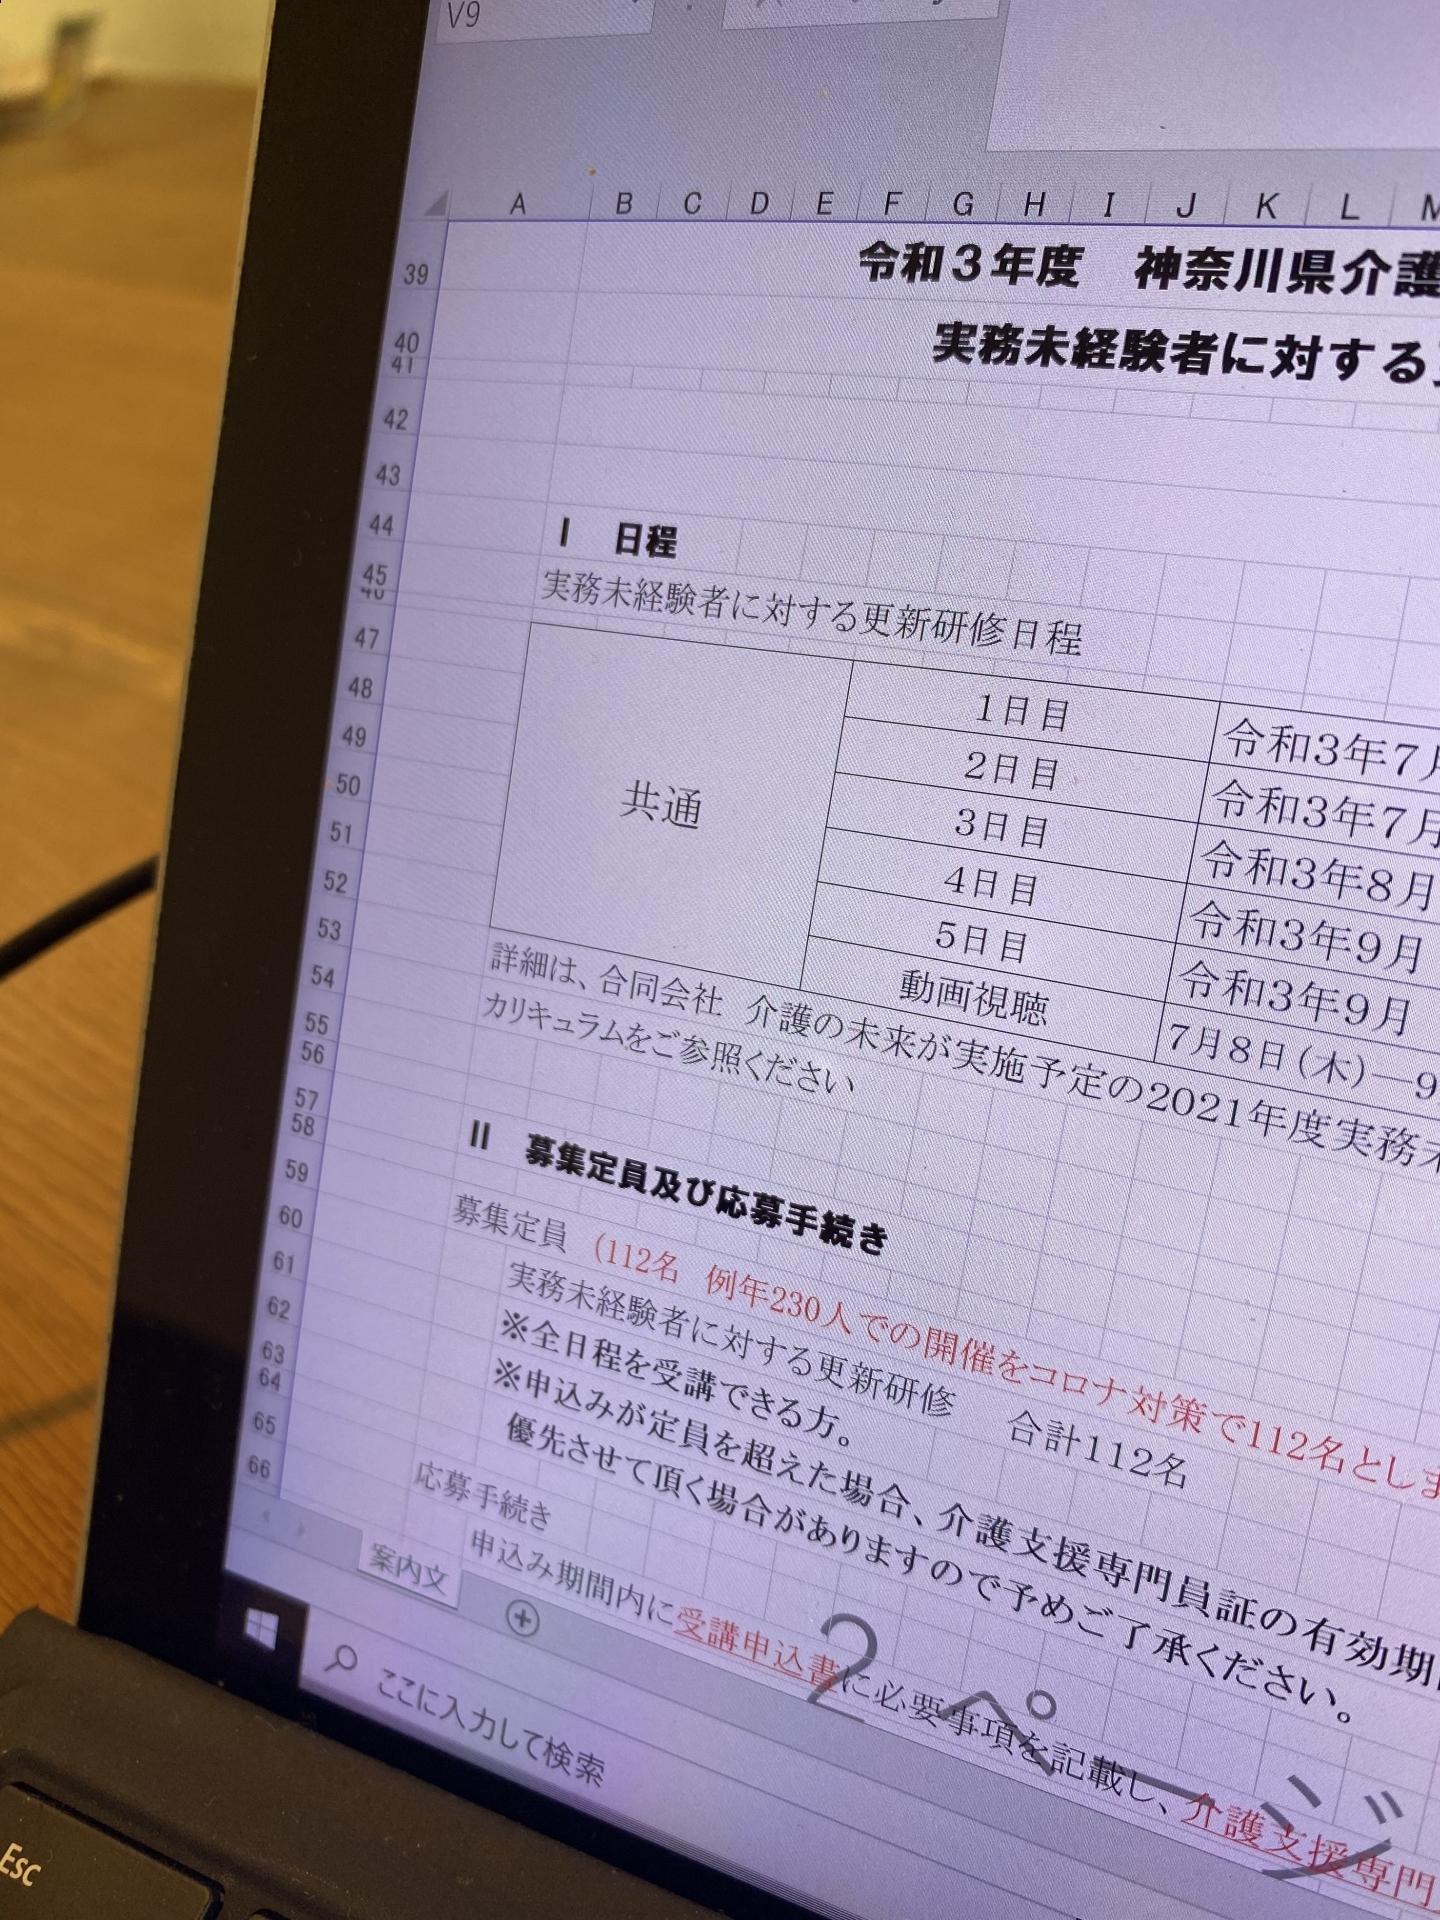 【341】 実務未経験者向け研修(応募開始)